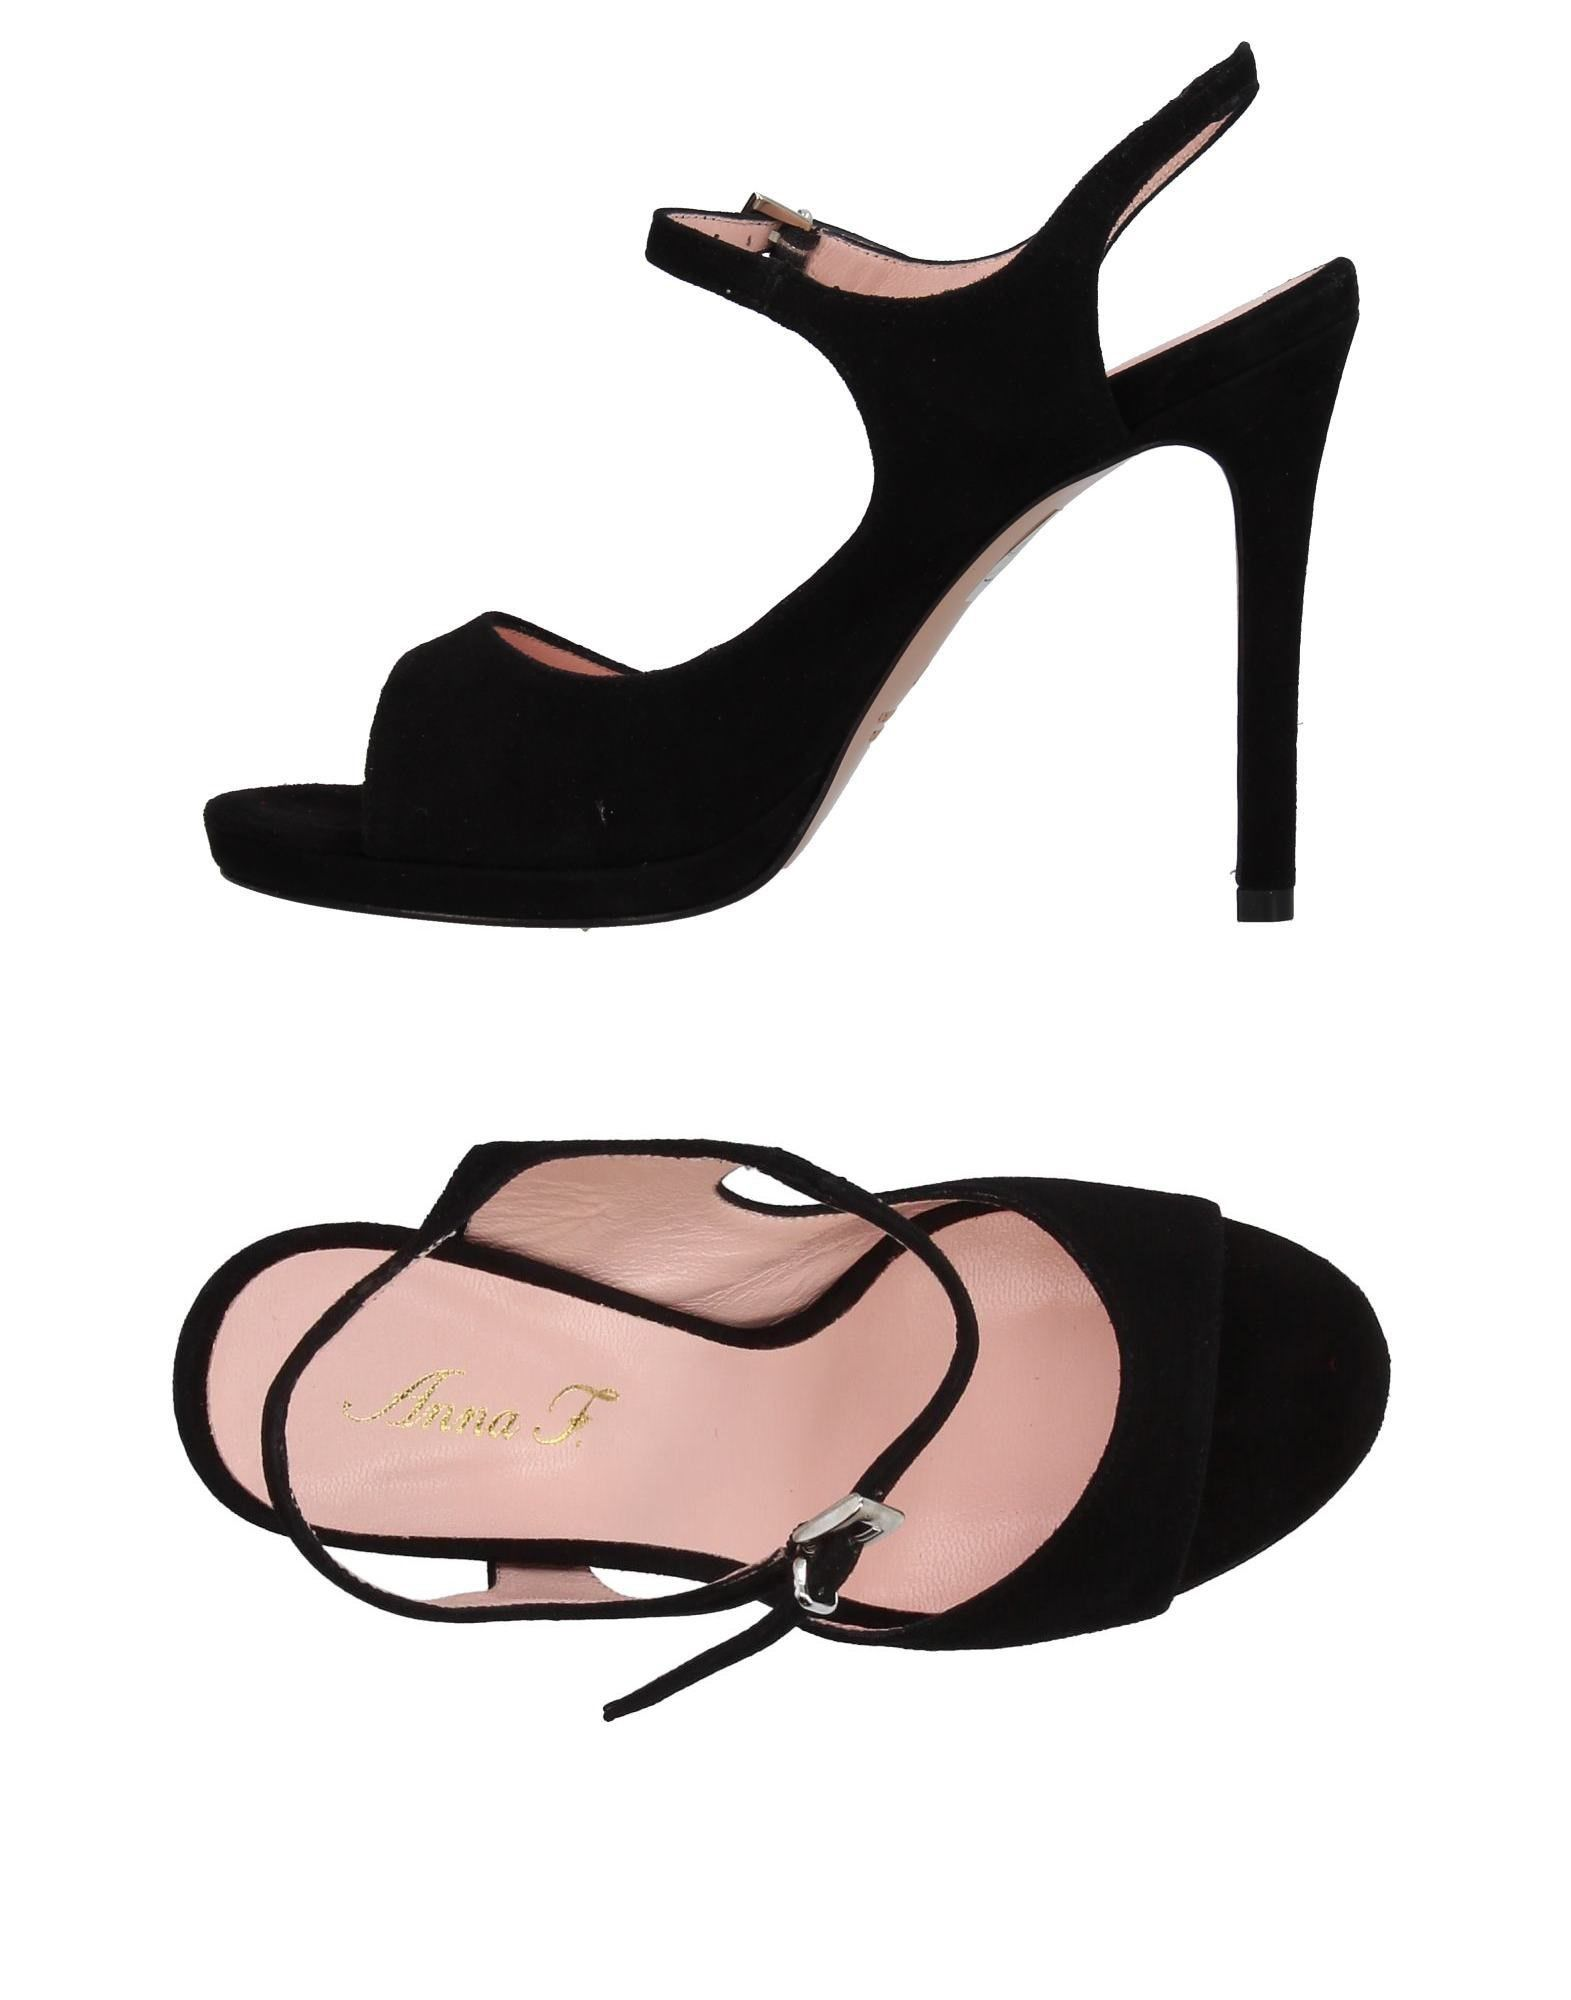 Anna F. Sandalen Damen  11359878KN Gute Qualität beliebte Schuhe